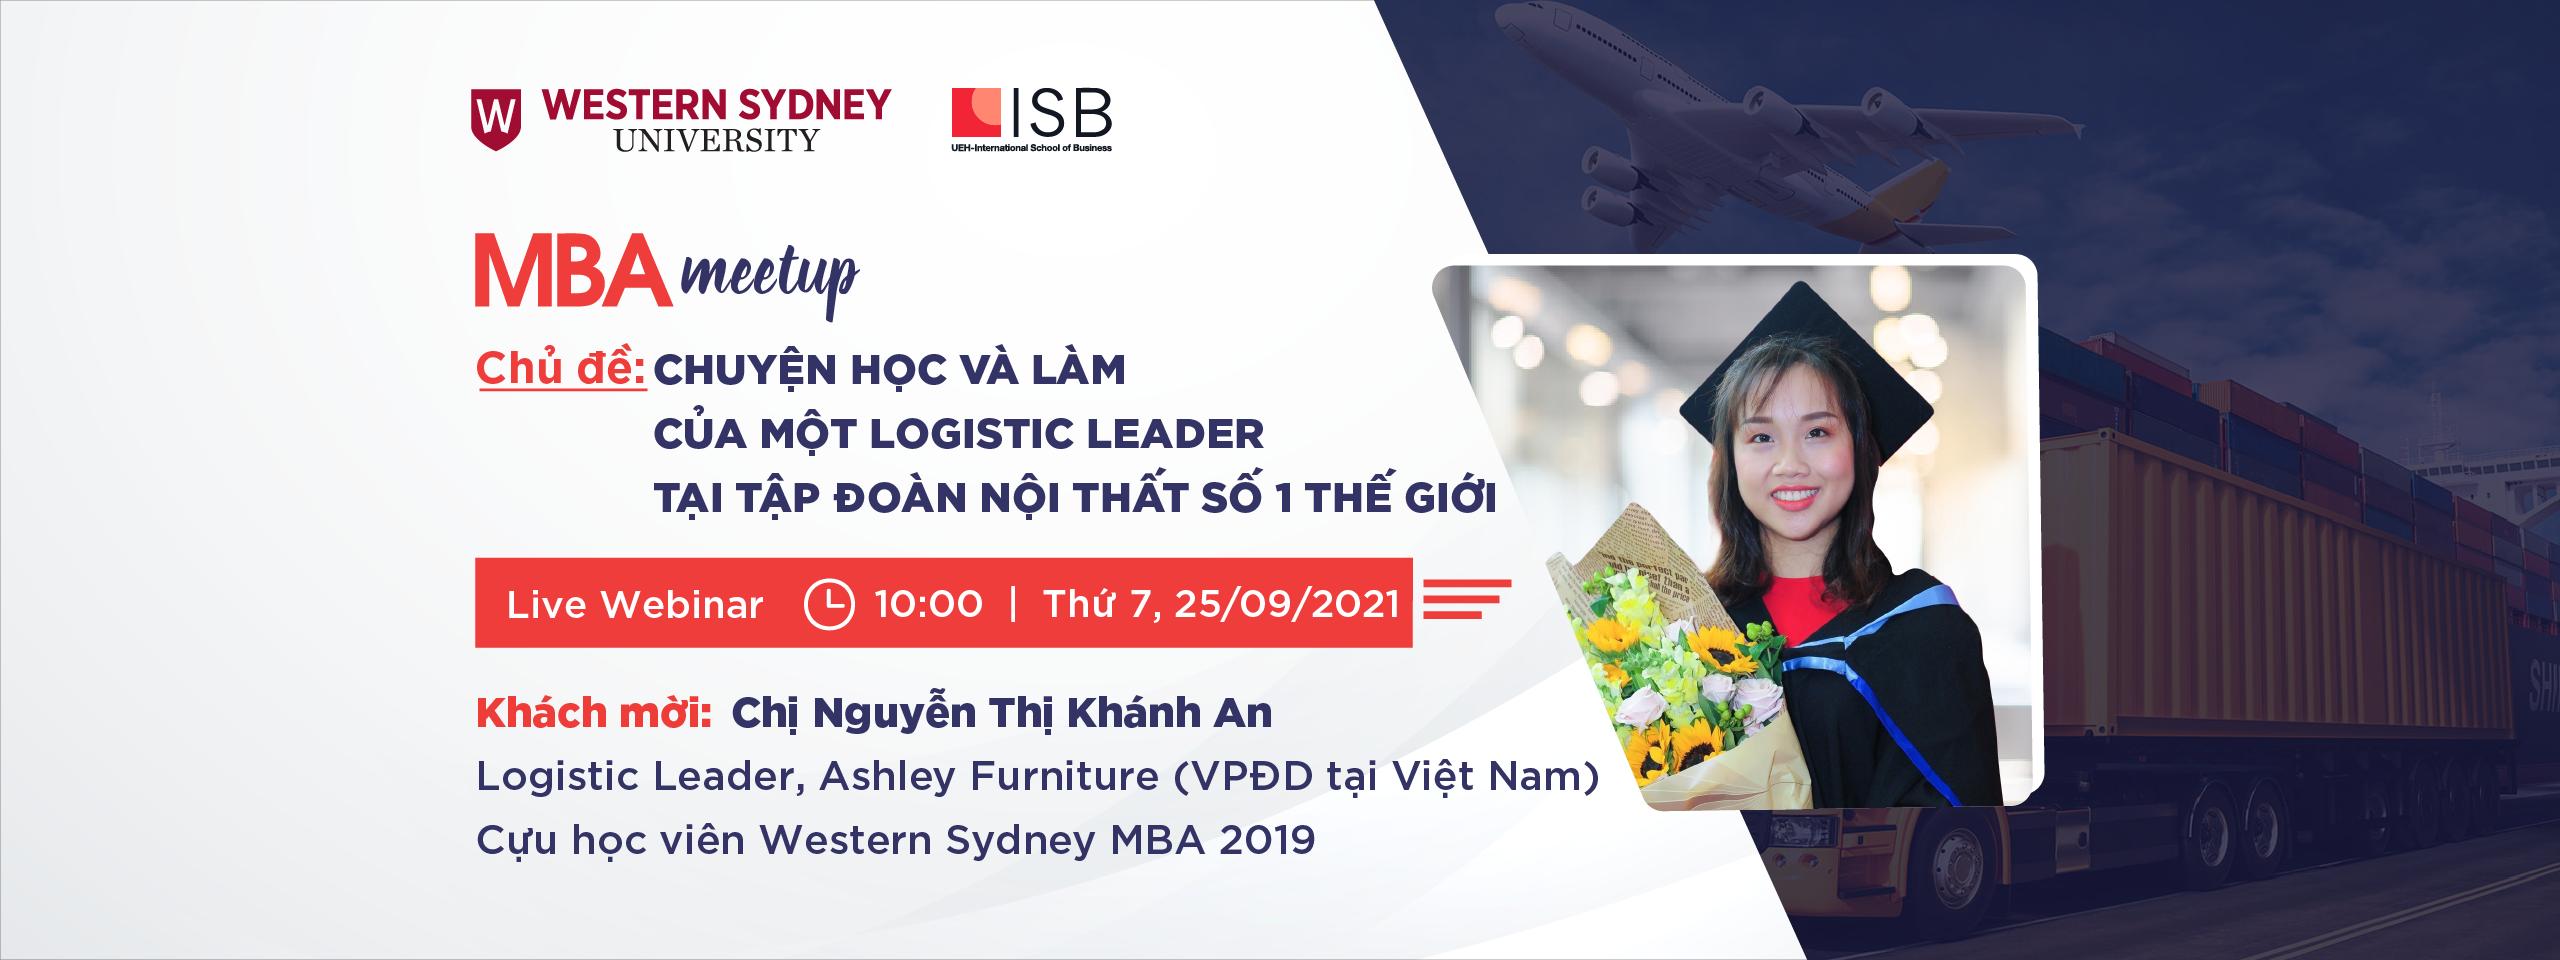 MBA Meetup: Chuyện học và làm của một Logistic Leader tại tập đoàn nội thất số 1 thế giới